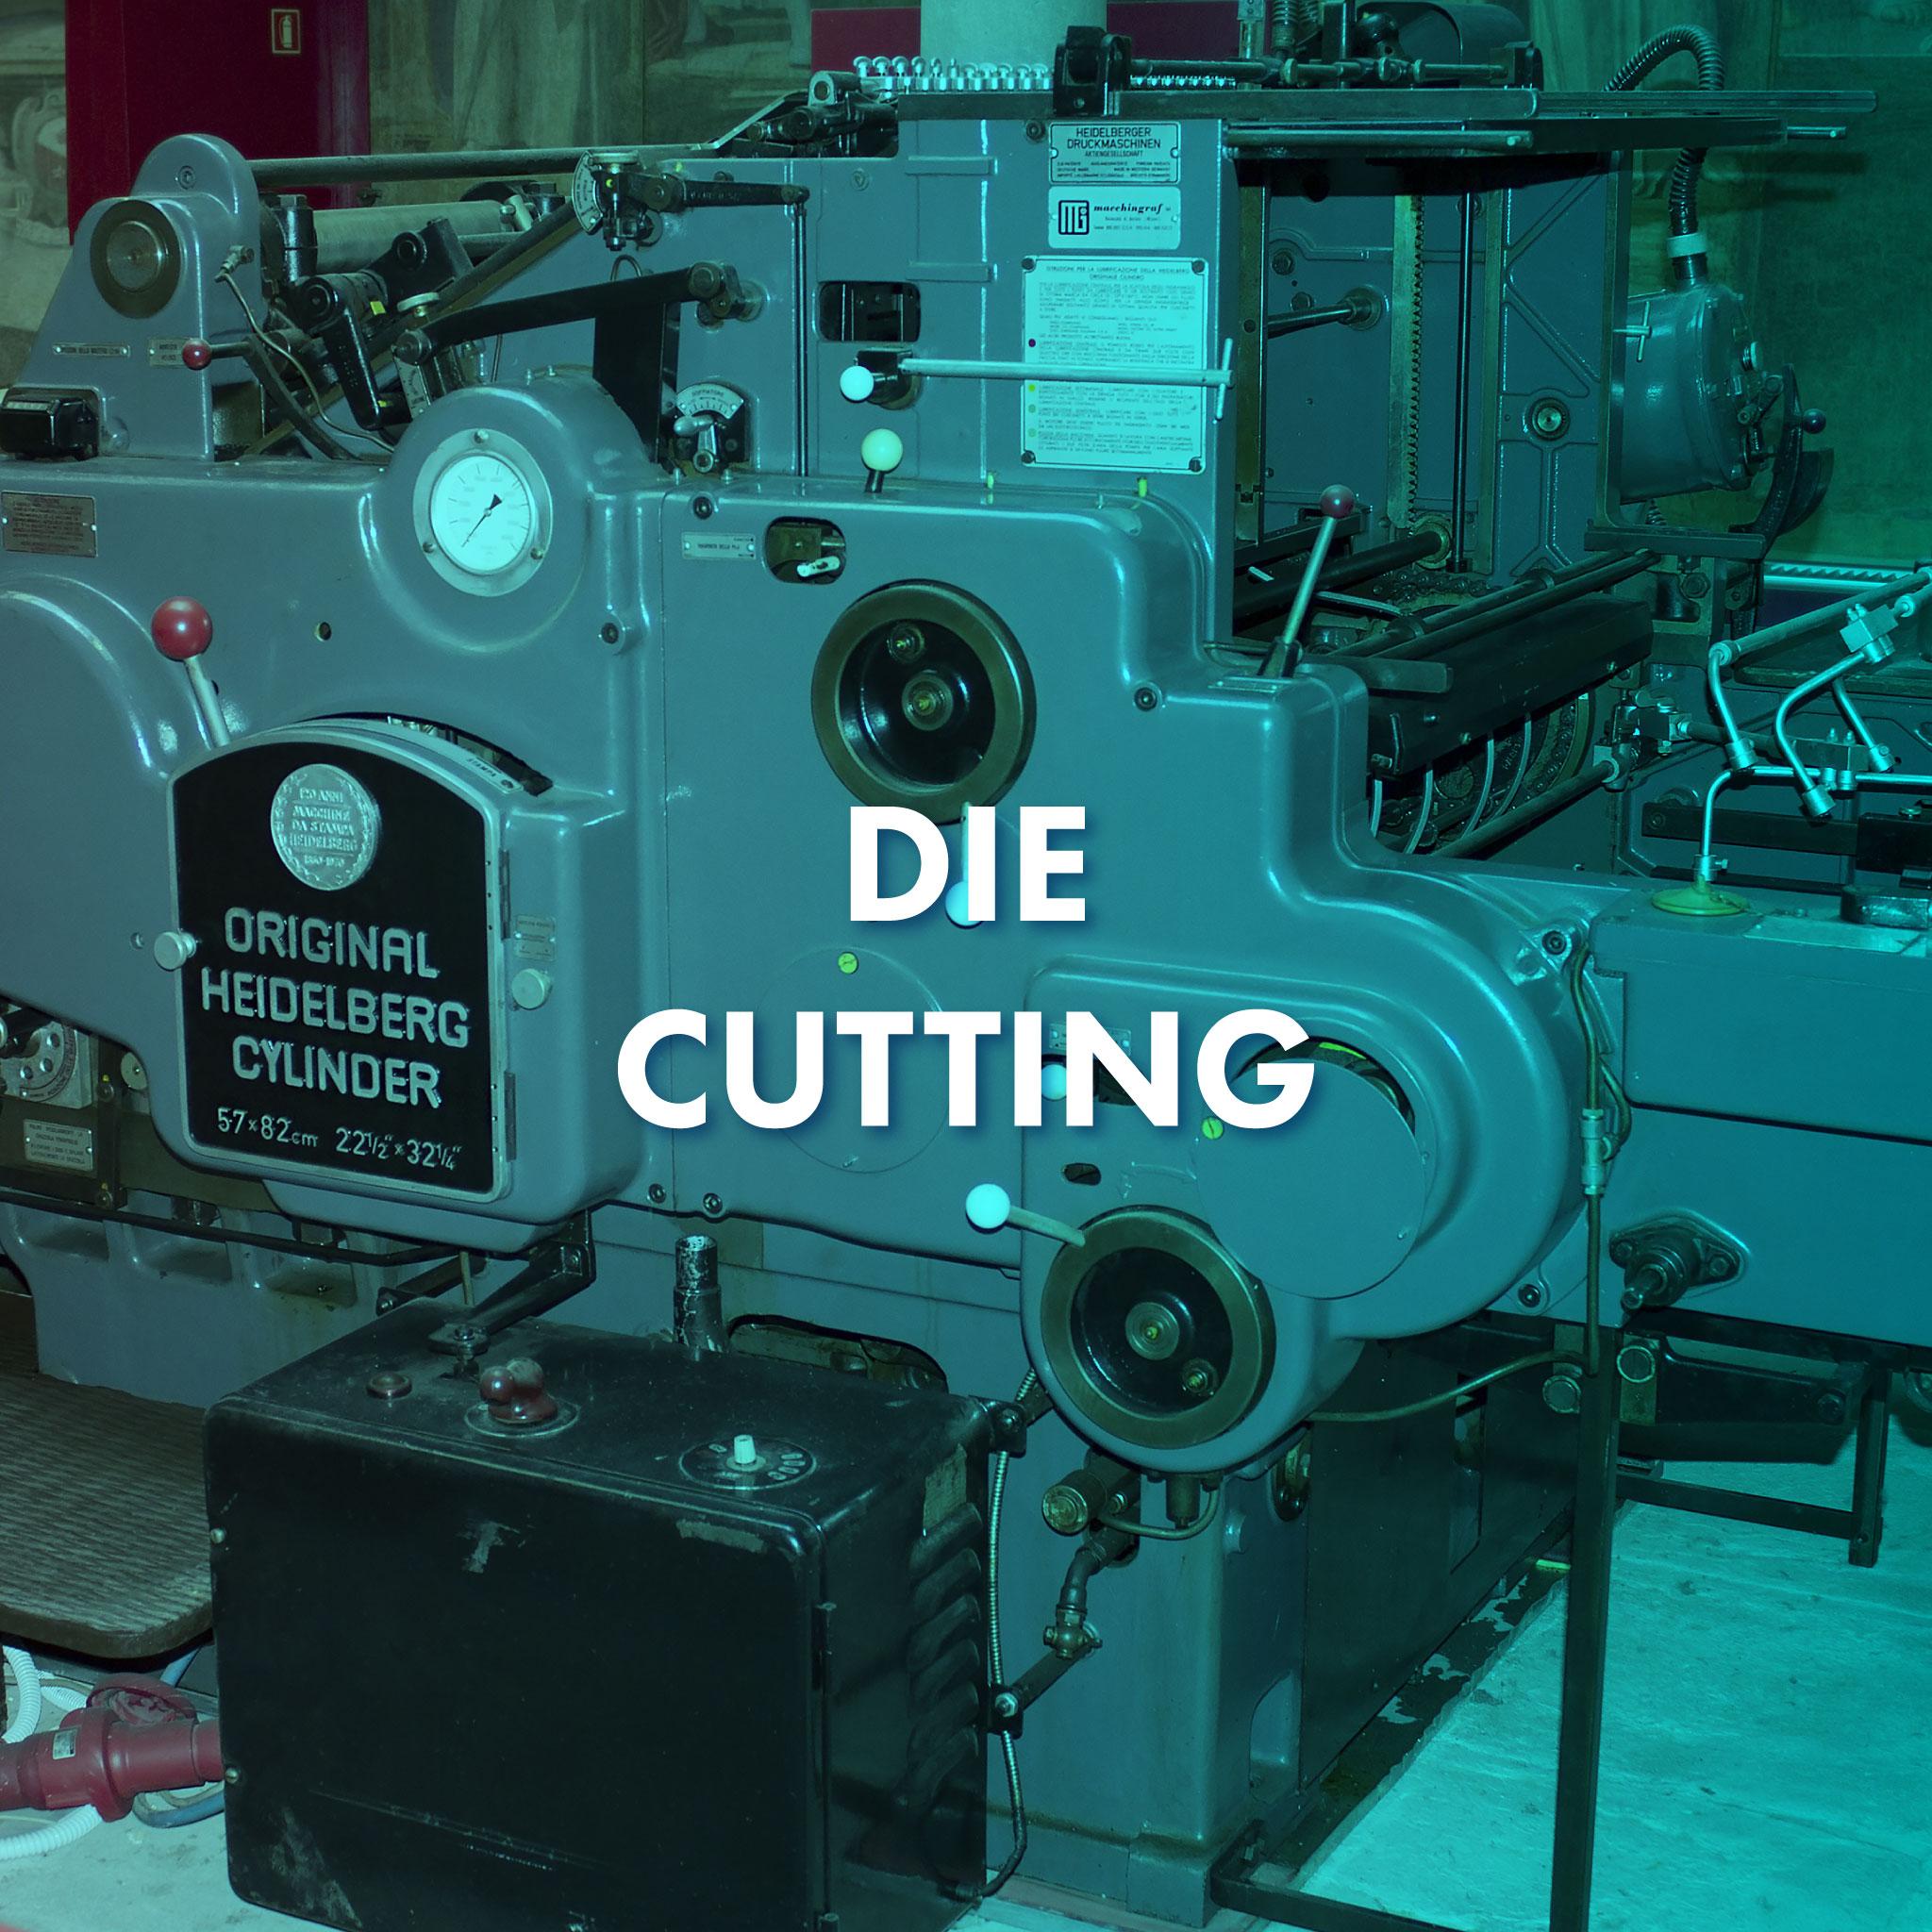 Original Heidelberg Die Cutting Machine